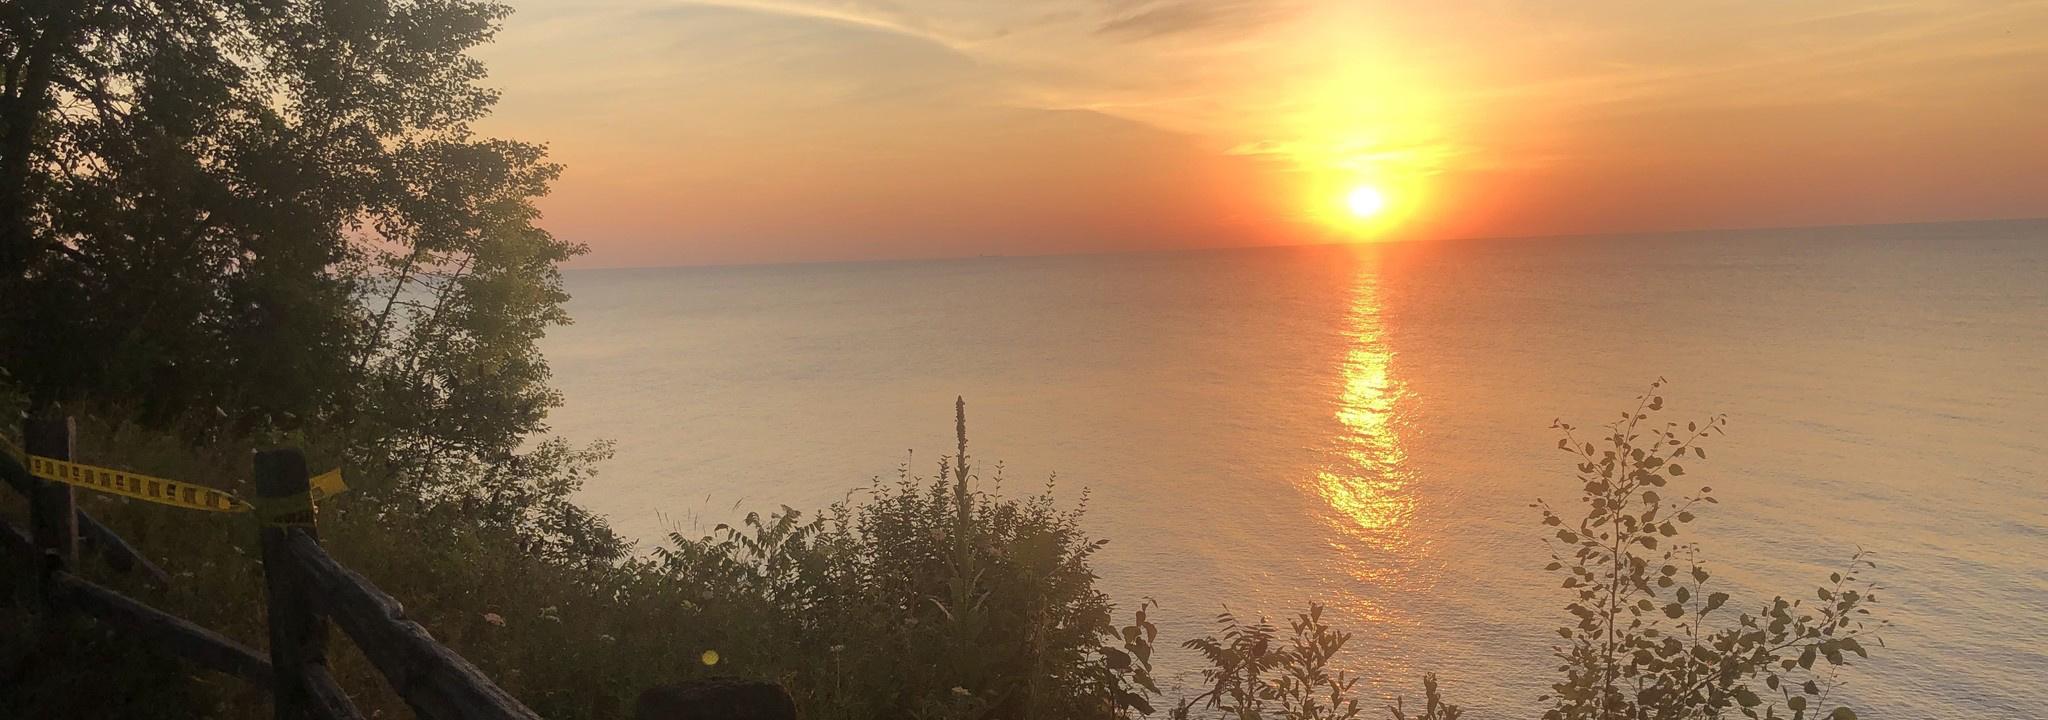 Michigan Great Lakes Diving!